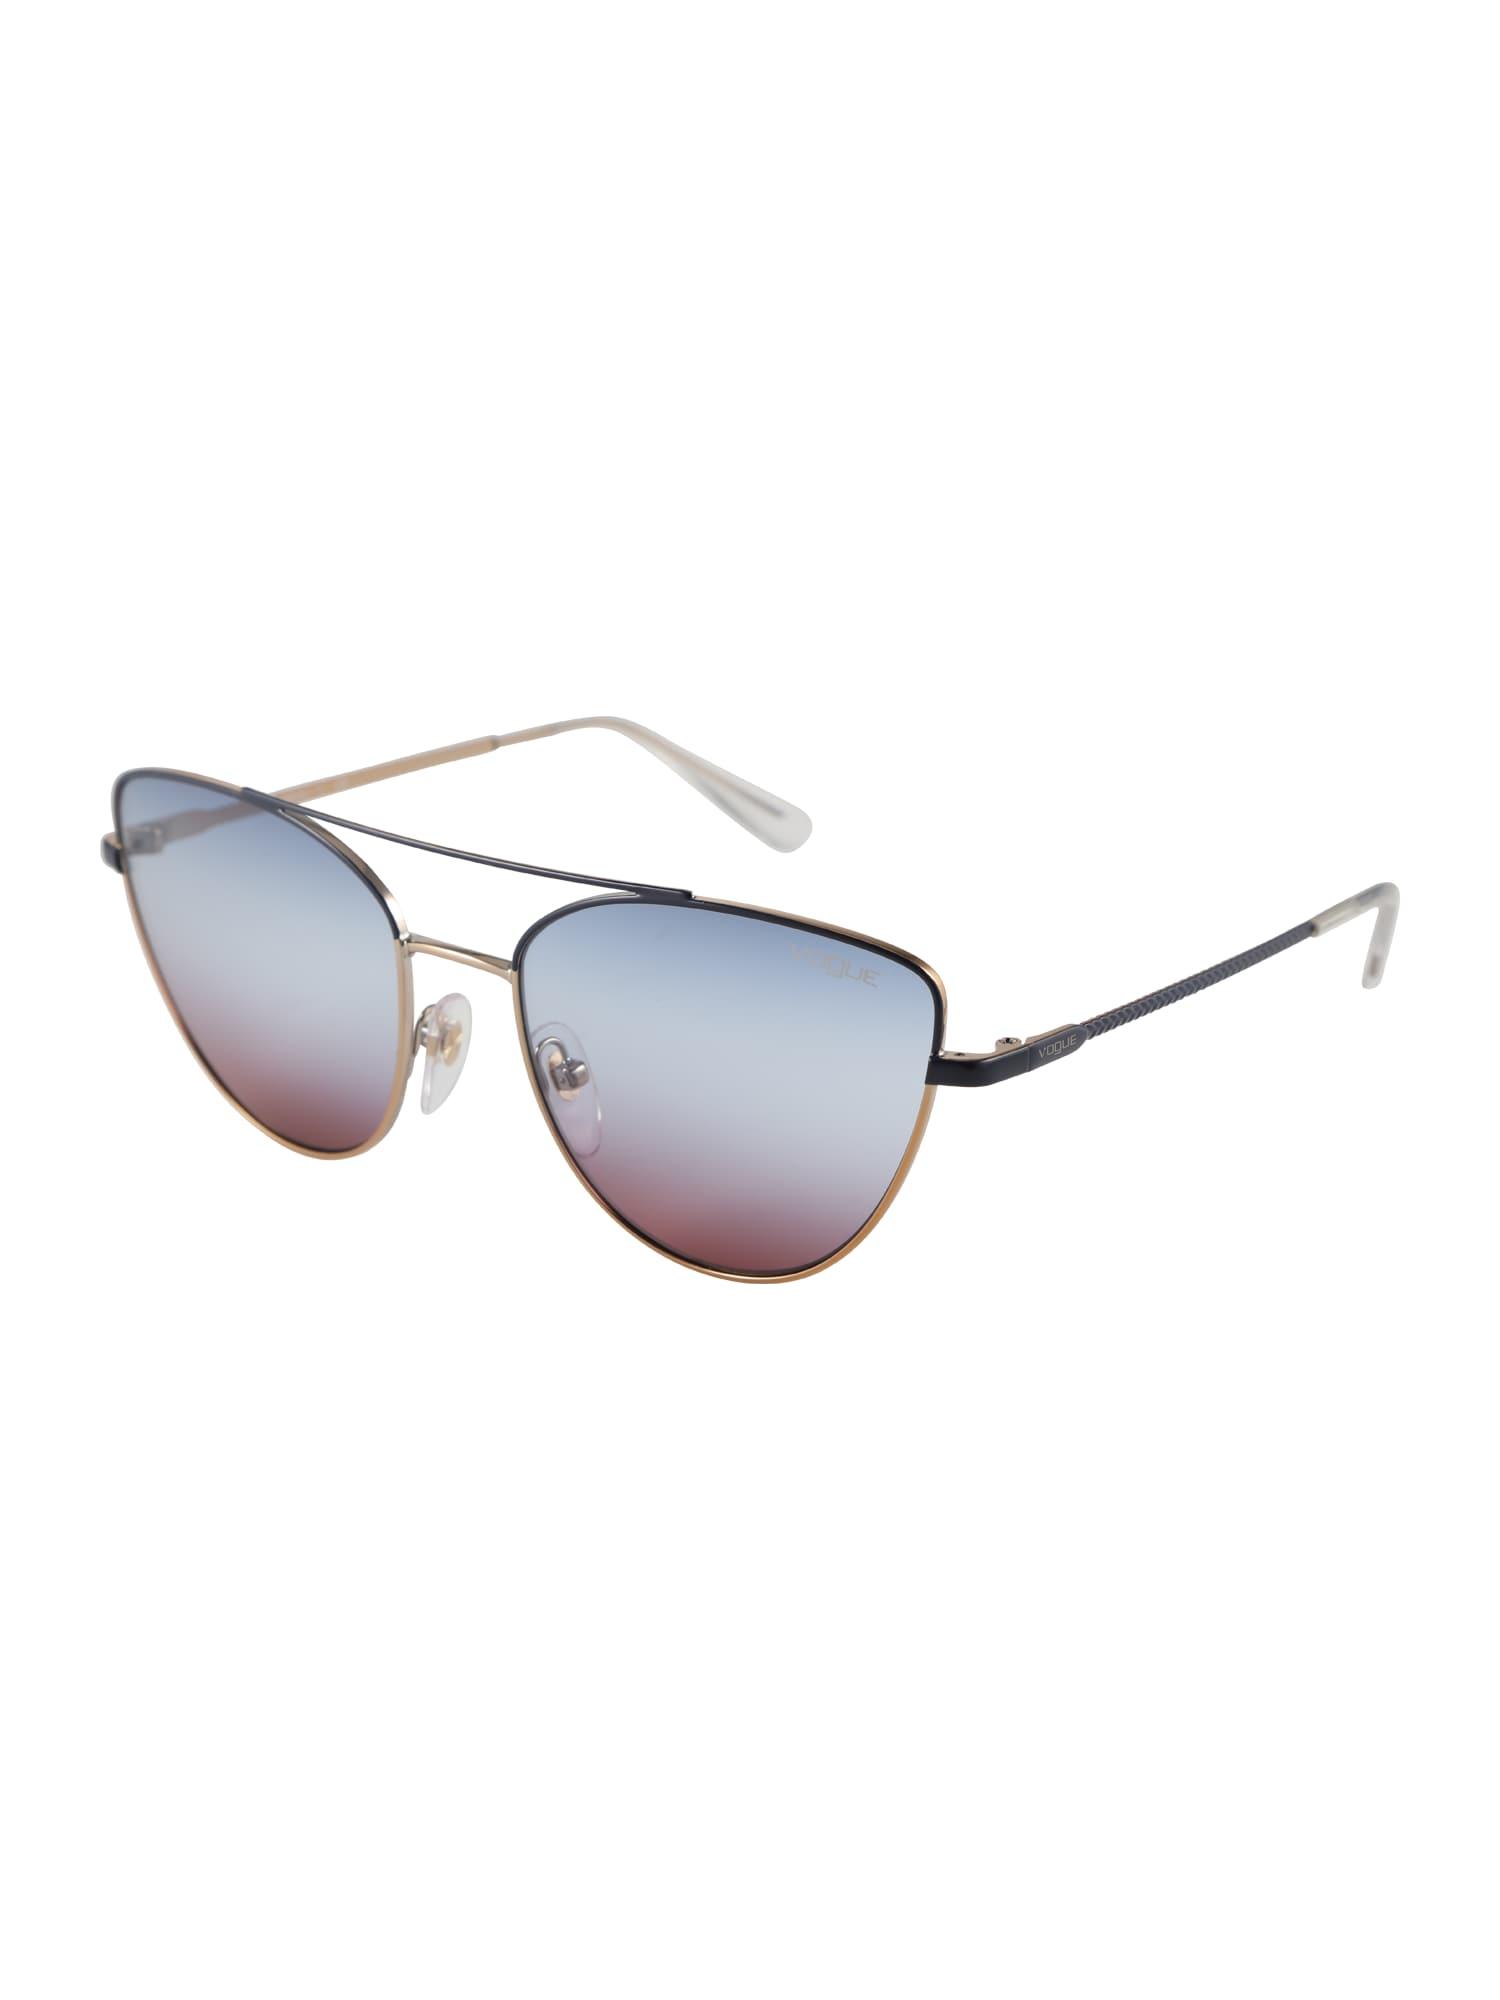 VOGUE Eyewear Akiniai nuo saulės auksas / violetinė-mėlyna / juoda